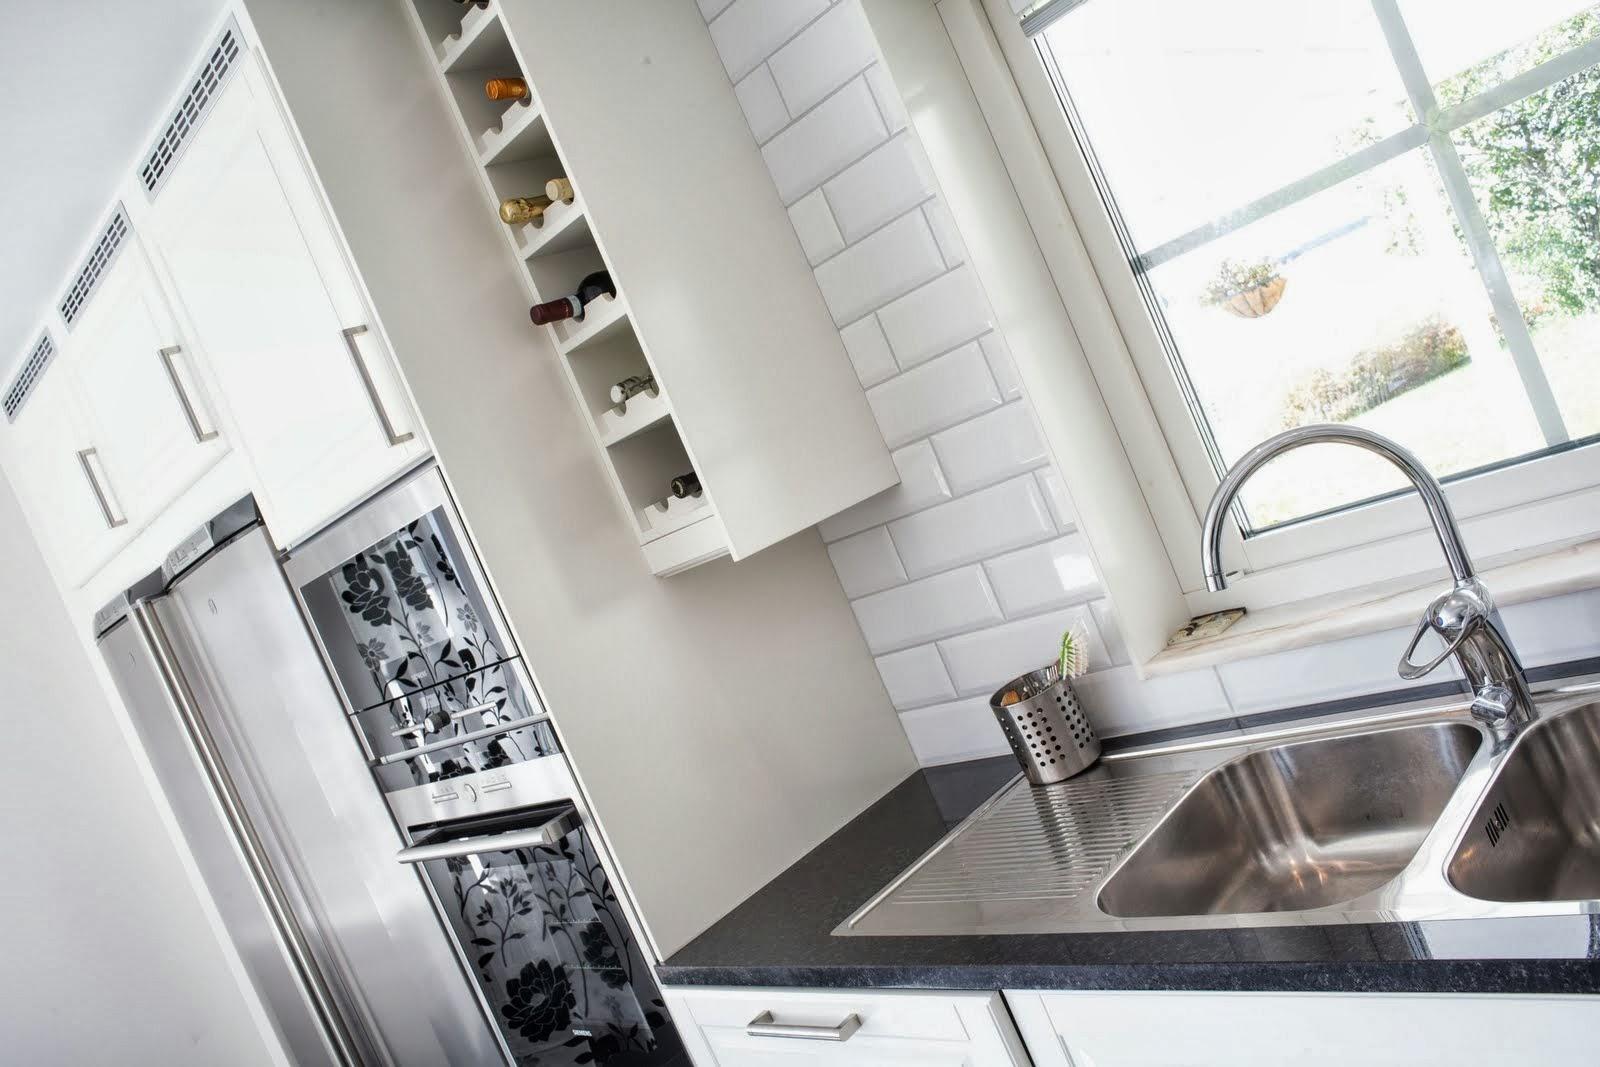 Kök i vedyxa – uppsala fastighetstjänst